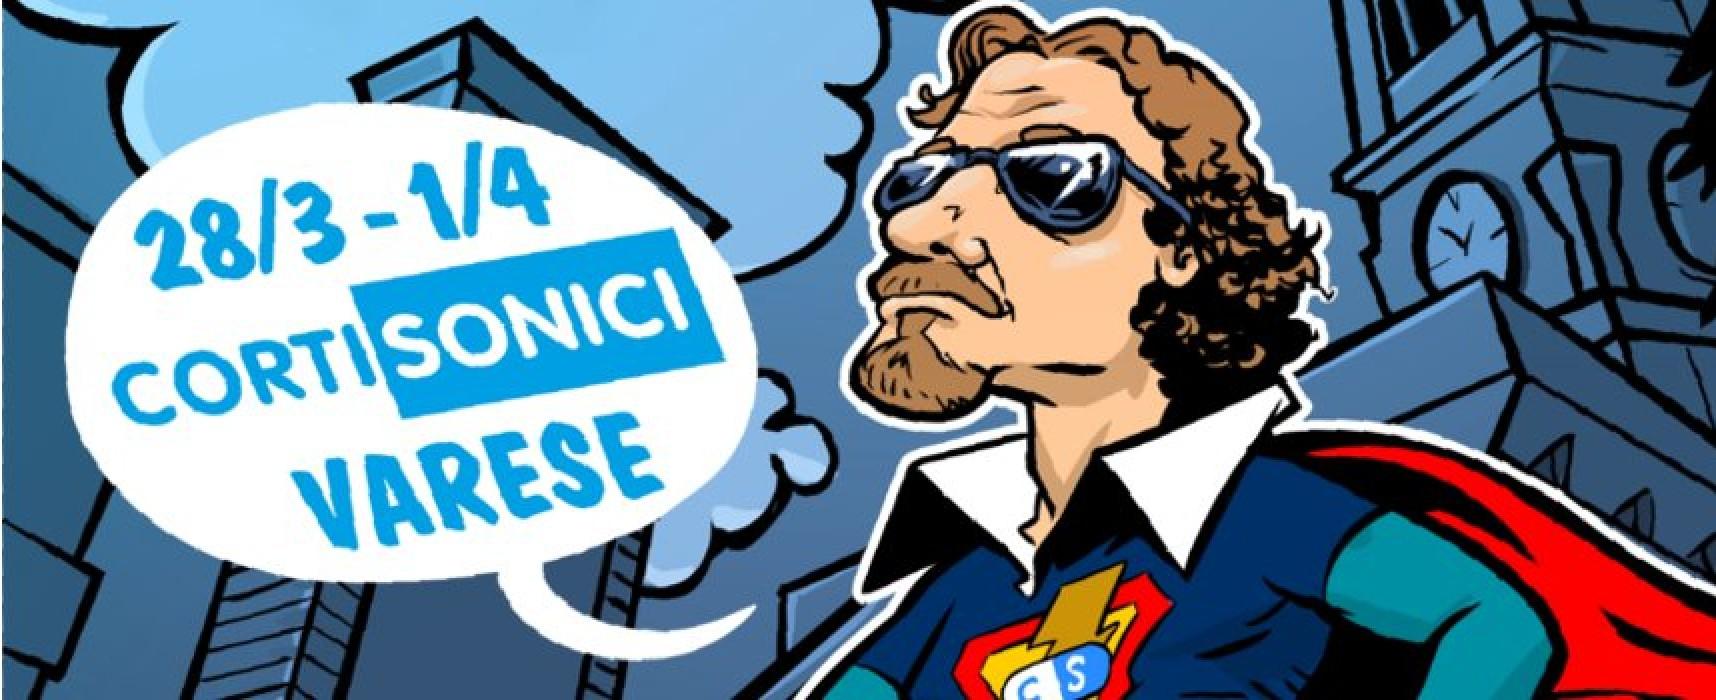 Cortisonici Film Festival dal 28 marzo al 1 aprile a Varese, con ospite il Marano Spot Festival